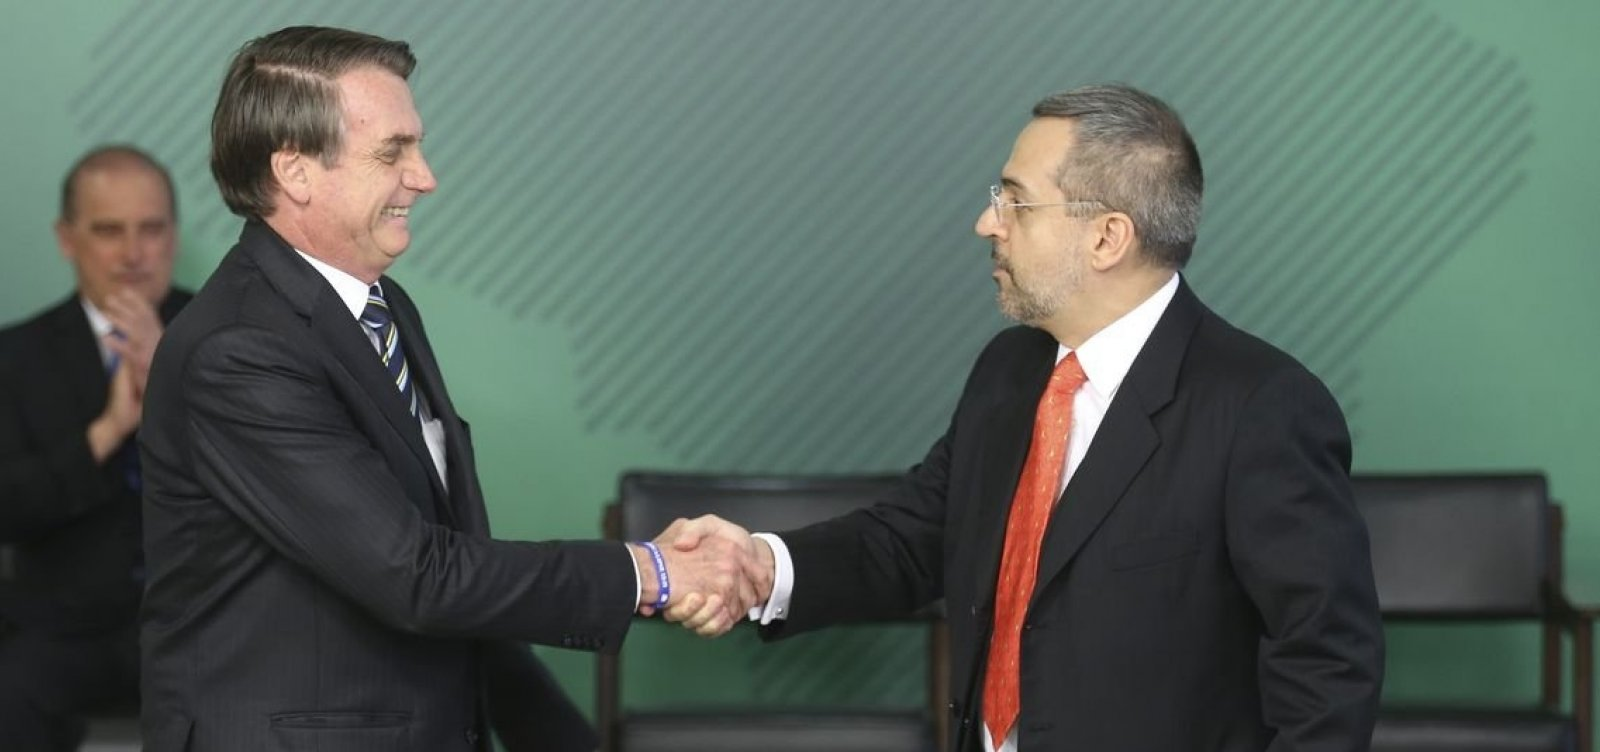 'Ninguém vai cortar por maldade', diz Bolsonaro sobre cortes do MEC